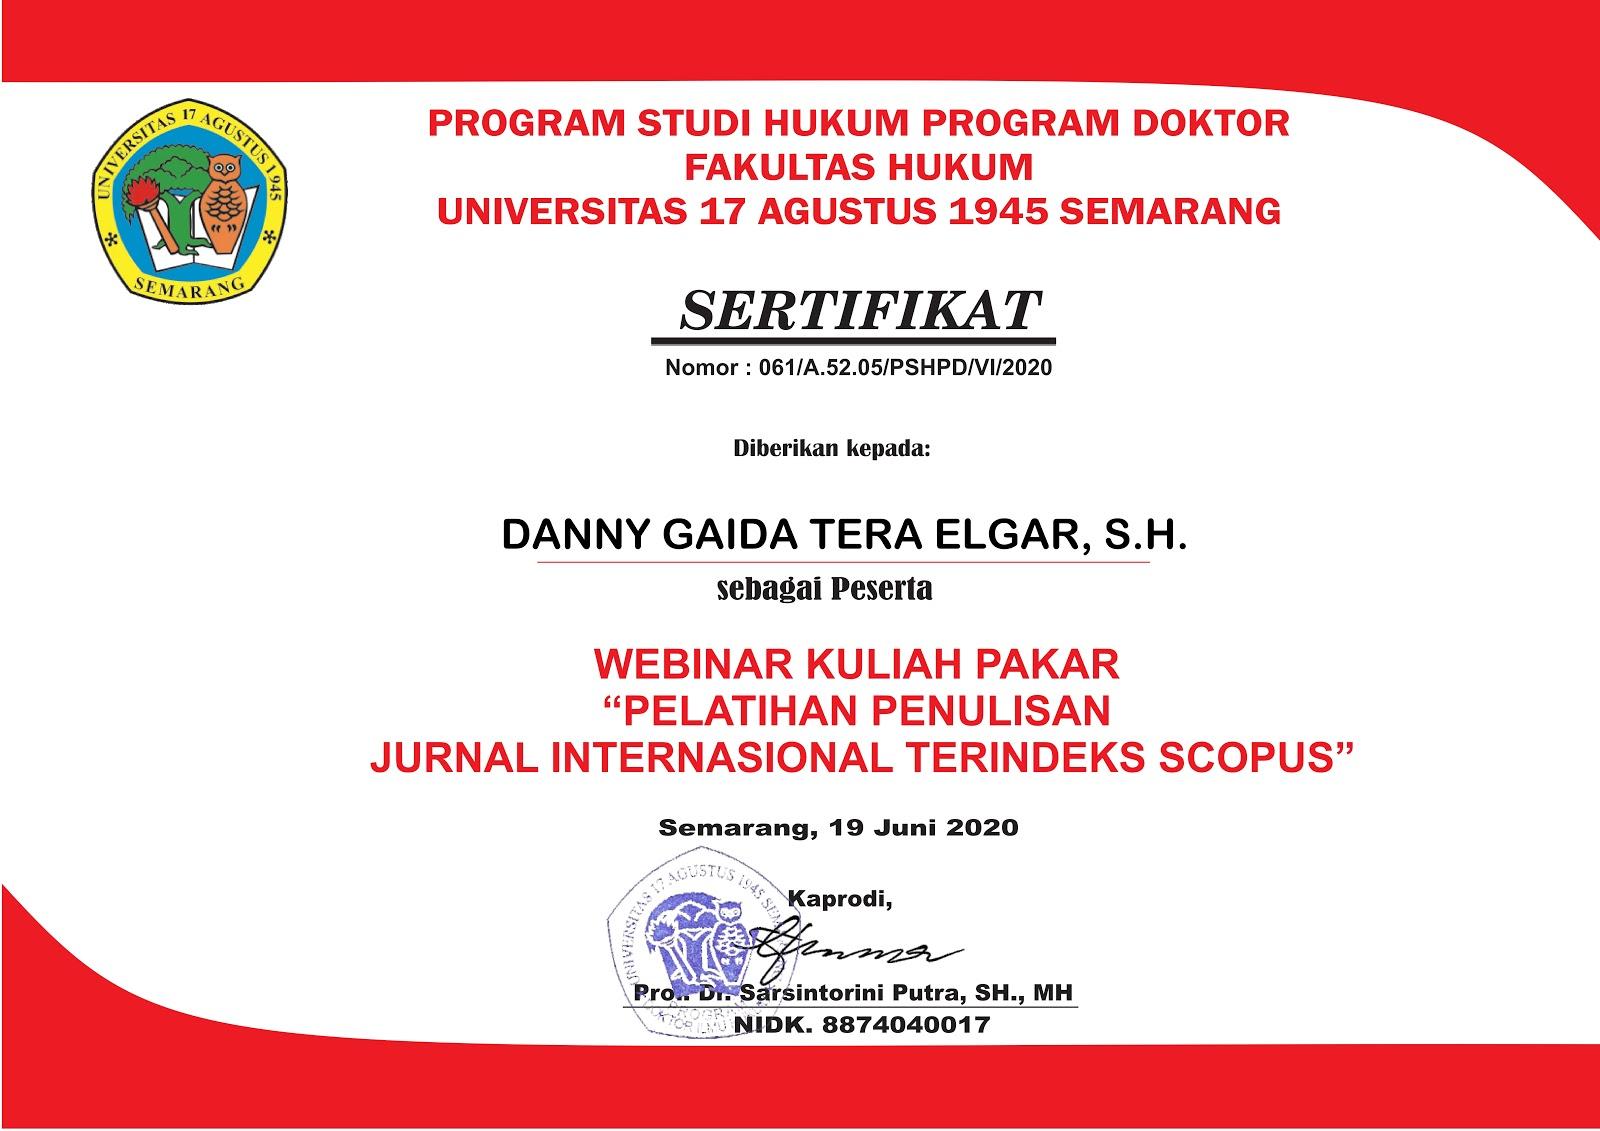 Sertifikat Penulisan Jurnal Internasional Terindeks Scopus | Program Studi Hukum Program Doktor (S3) Fakultas Hukum Universitas 17 Agustus 1945 (UNTAG) Semarang | 19 Juni 2020